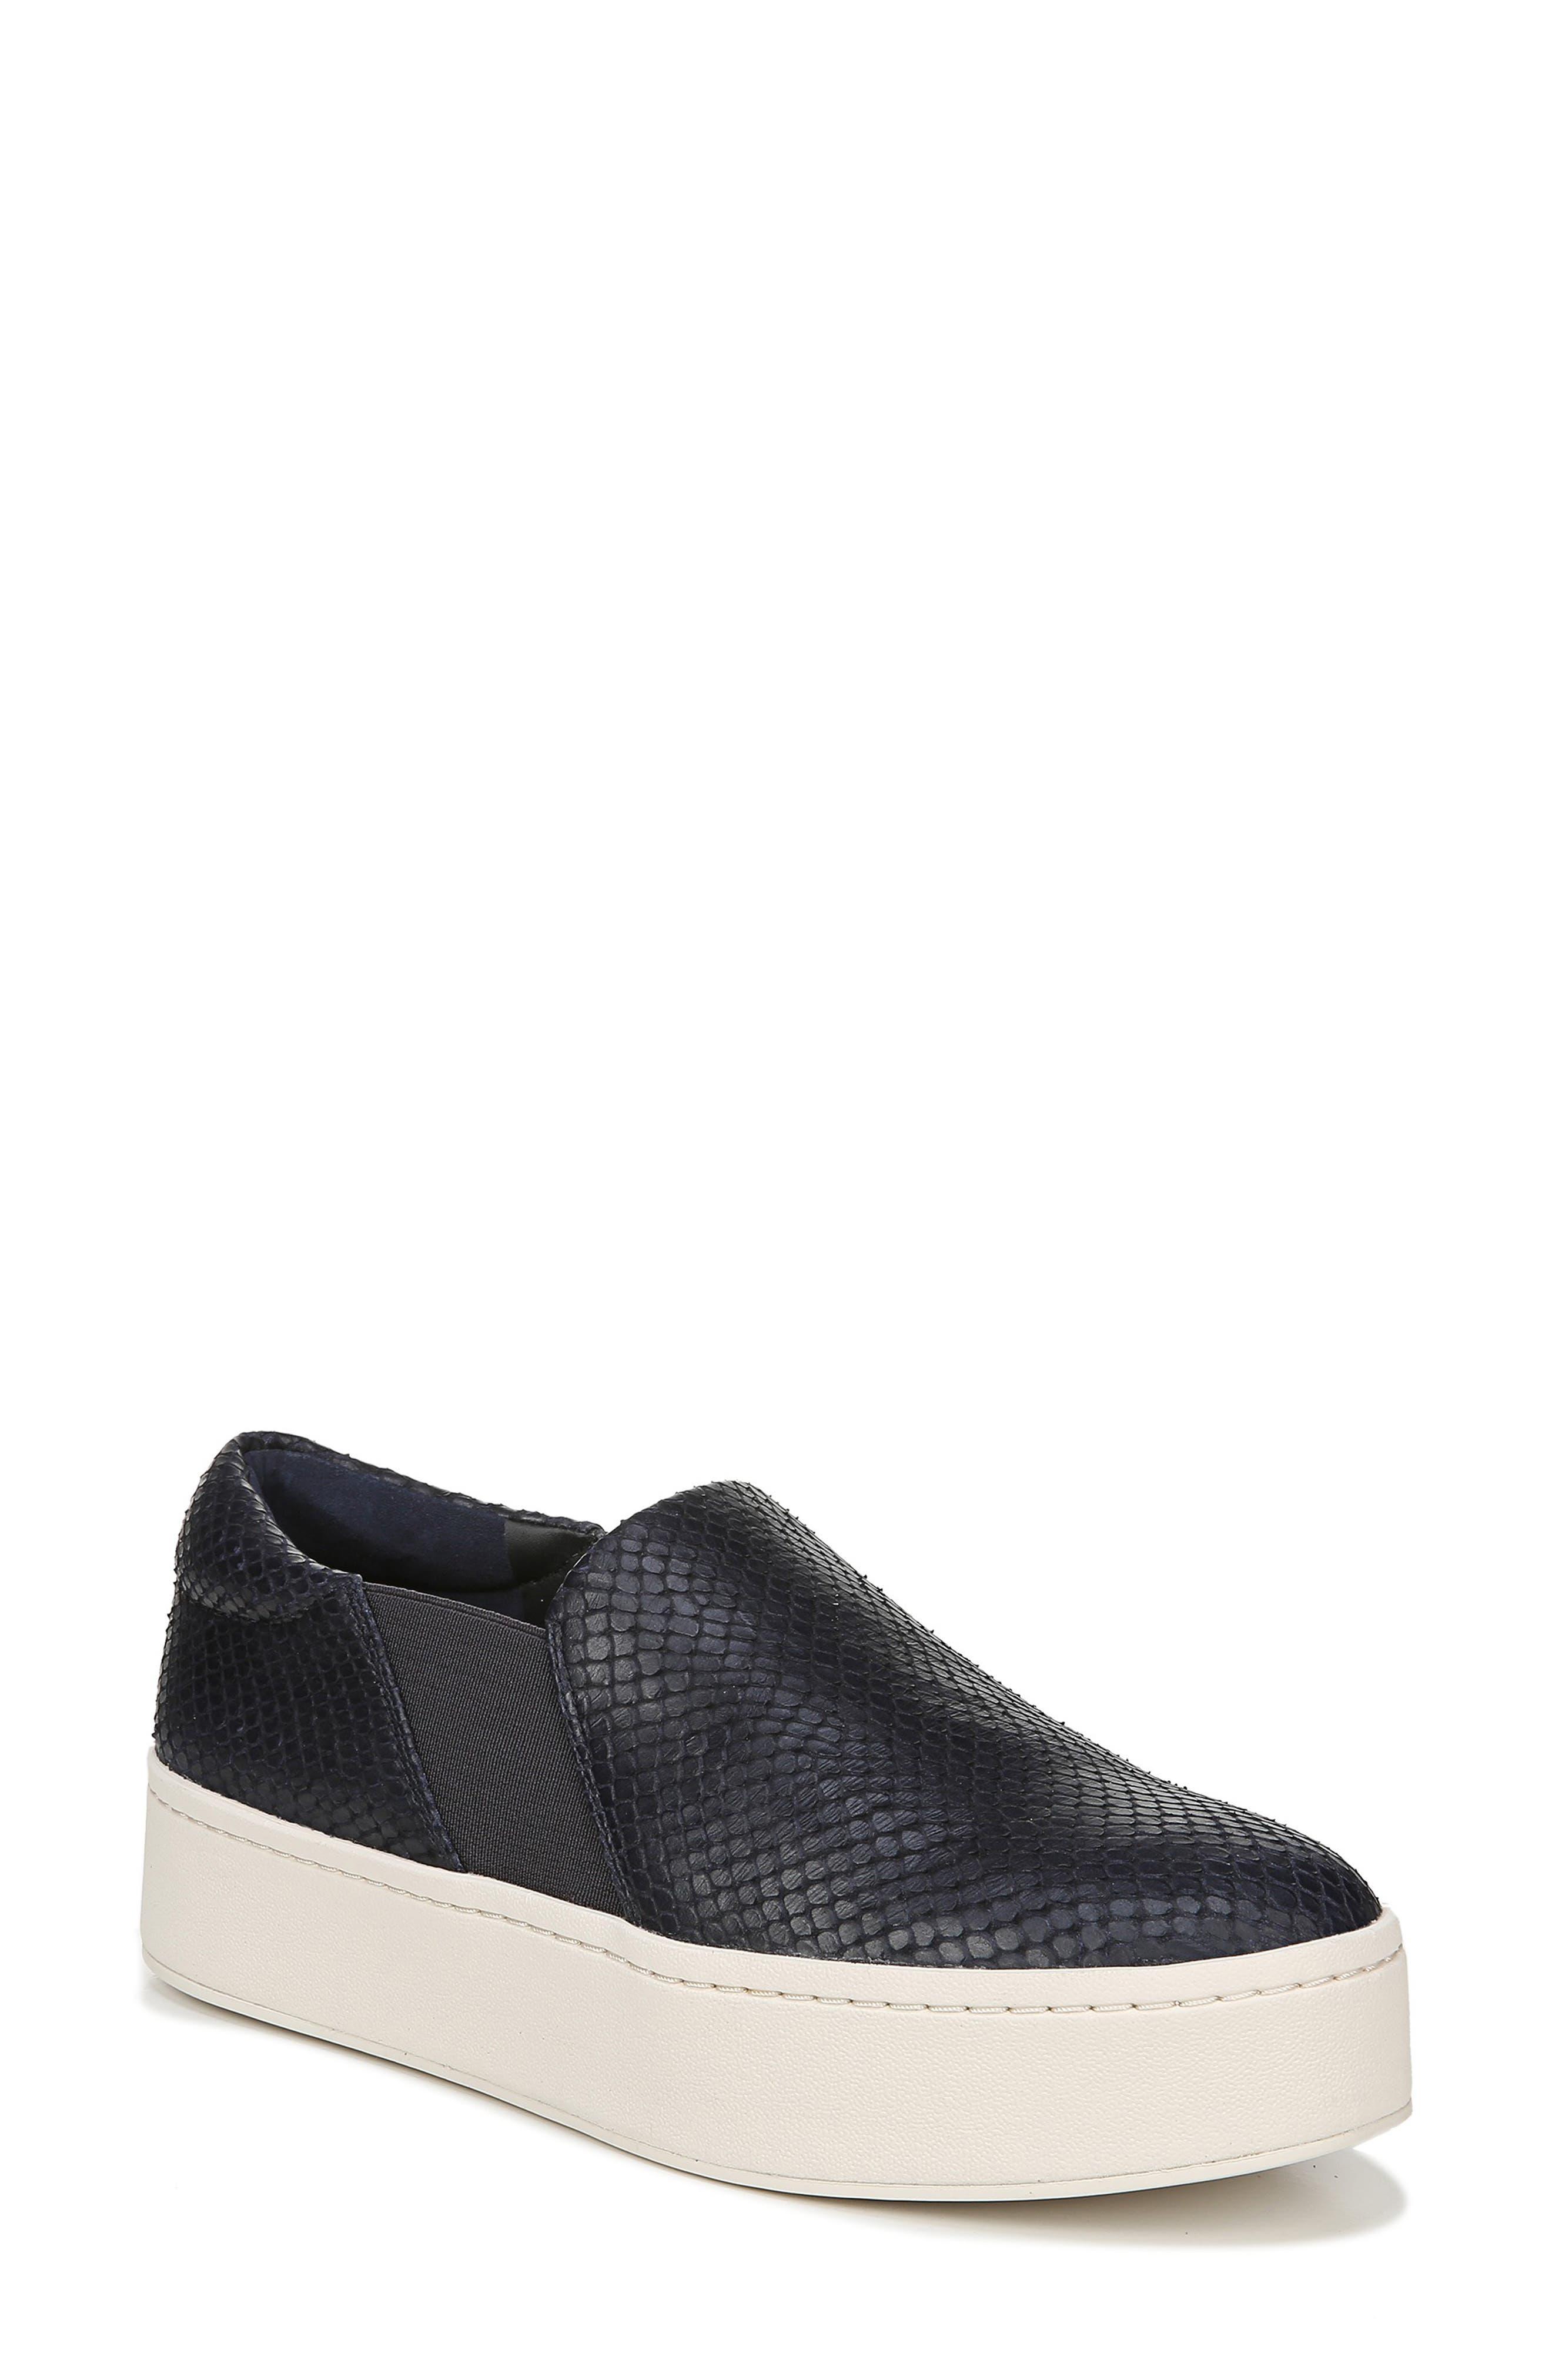 Women's Slip-On Sneakers \u0026 Athletic